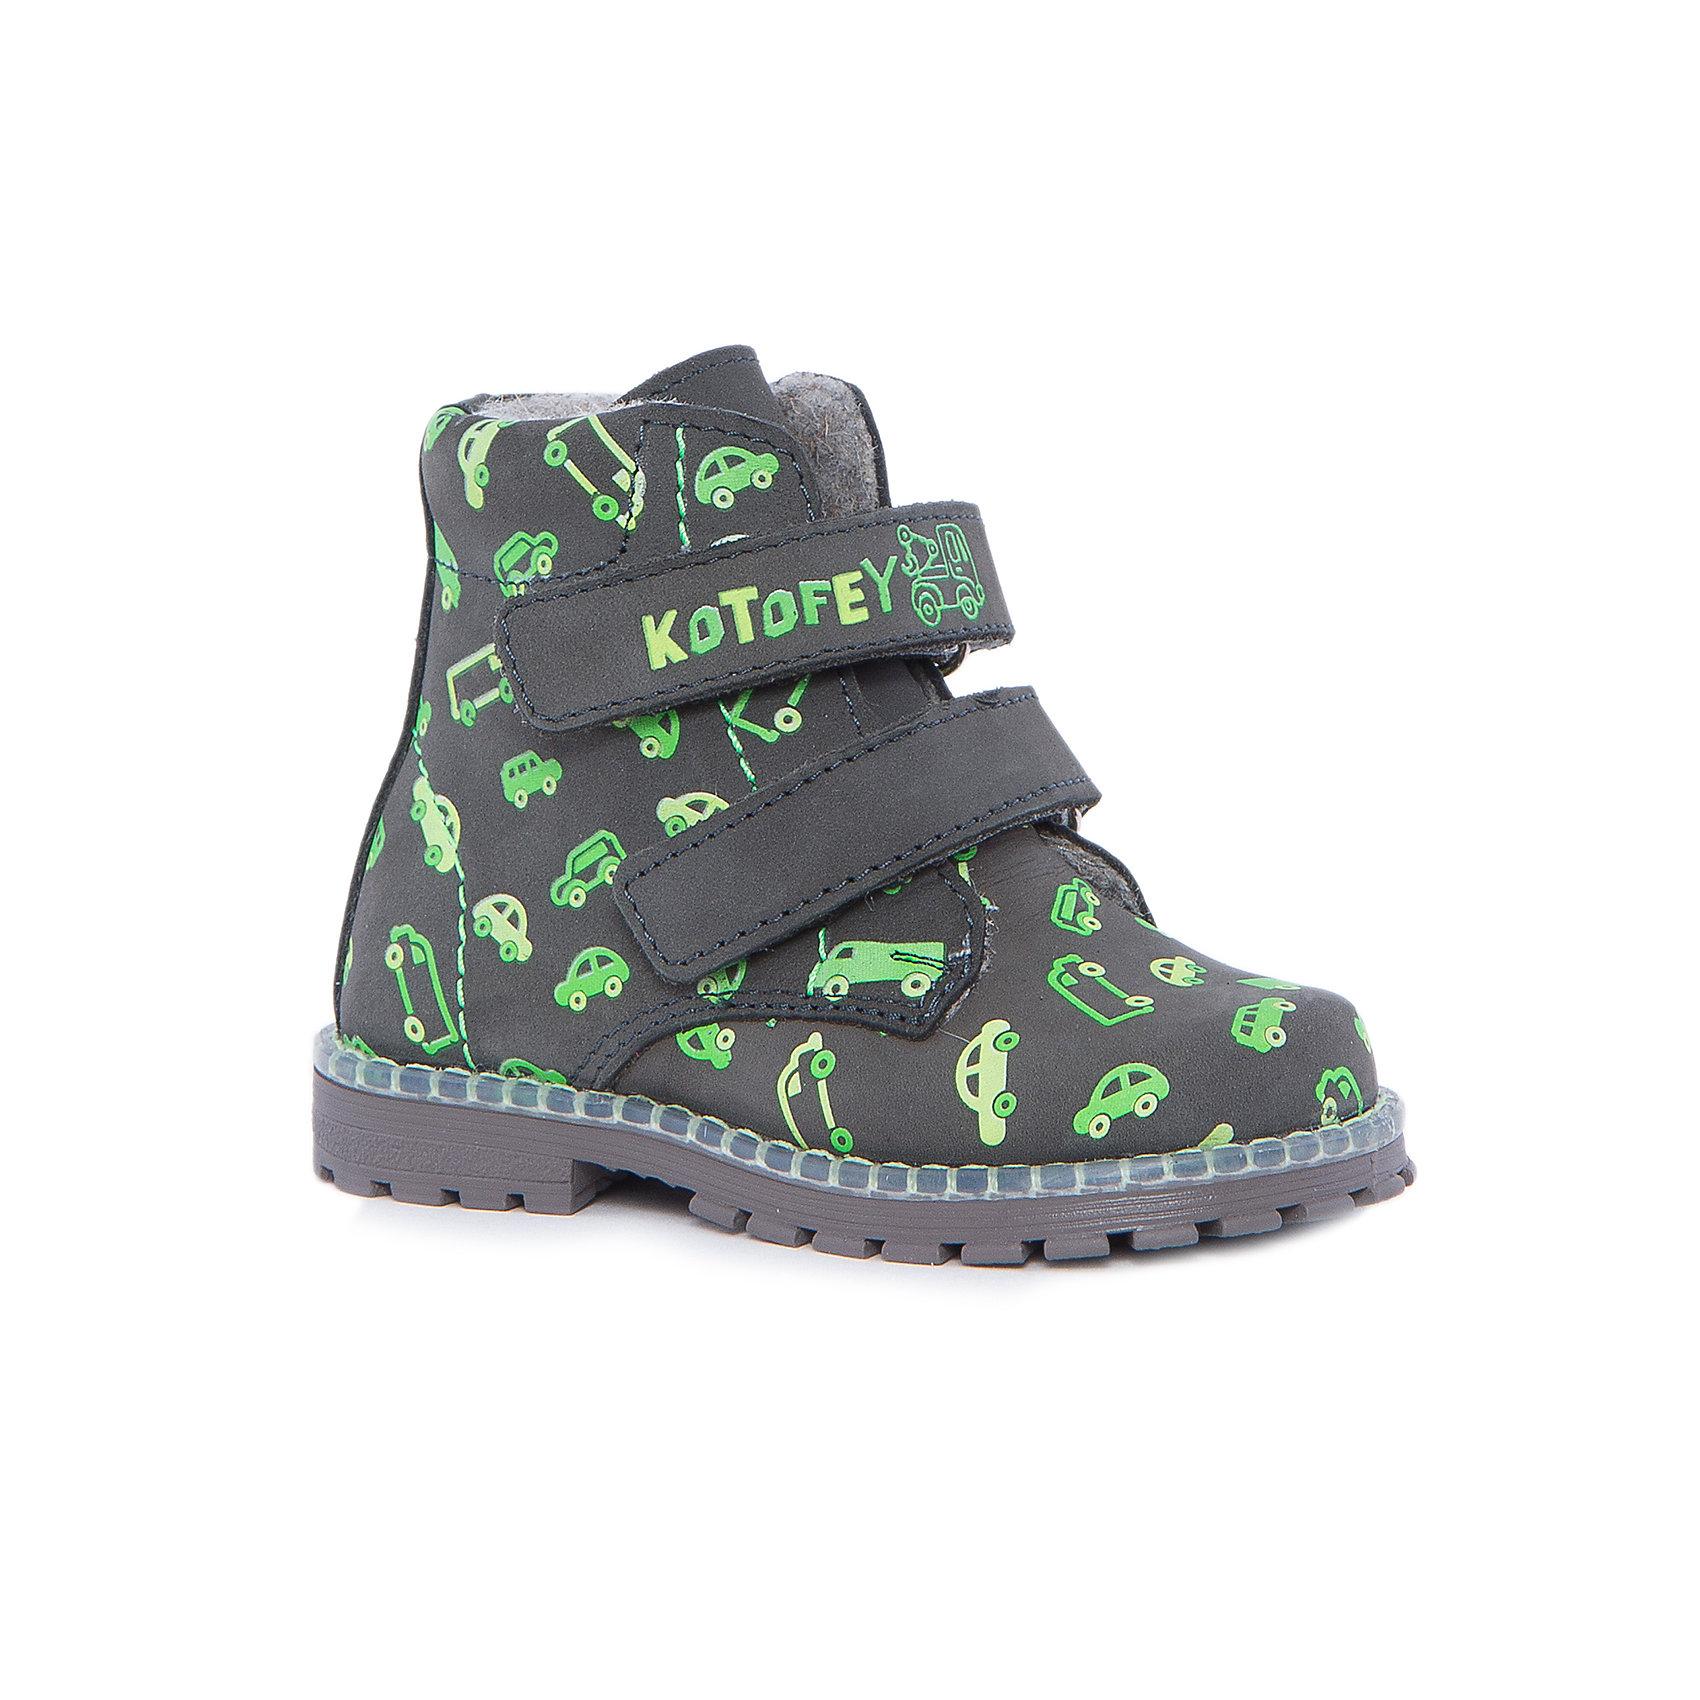 Ботинки для мальчика КотофейОбувь для малышей<br>Котофей – качественная и стильная детская обувь по доступным ценам. С каждым днем популярность бренда растет.  С наступлением осенних холодов очень важно выбрать удобную и теплую обувь, которая защитит ножки малыша от промокания, а здоровье от простуды. Малыши оценят удобную застежку – липу, которая экономит время при обувании ботиночек. Модель отвечает всем модным требованиям. На ботиночках выполнен веселый принт зеленого цвета в виде машинок. <br><br>Дополнительная информация:<br><br>цвет: серый;<br>вид крепления: клеевой;<br>застежка: липучка;<br>температурный режим: от 0°С до +15° С.<br><br>Состав:<br>верх – кожа;<br>подклад – байковый материал;<br>подошва – ТЭП.<br><br>Осенние ботиночки из натурального материала для мальчика ясельного возраста от фирмы Котофей можно приобрести у нас в магазине.<br><br>Ширина мм: 262<br>Глубина мм: 176<br>Высота мм: 97<br>Вес г: 427<br>Цвет: серый<br>Возраст от месяцев: 21<br>Возраст до месяцев: 24<br>Пол: Мужской<br>Возраст: Детский<br>Размер: 24,22,21,23<br>SKU: 4982333